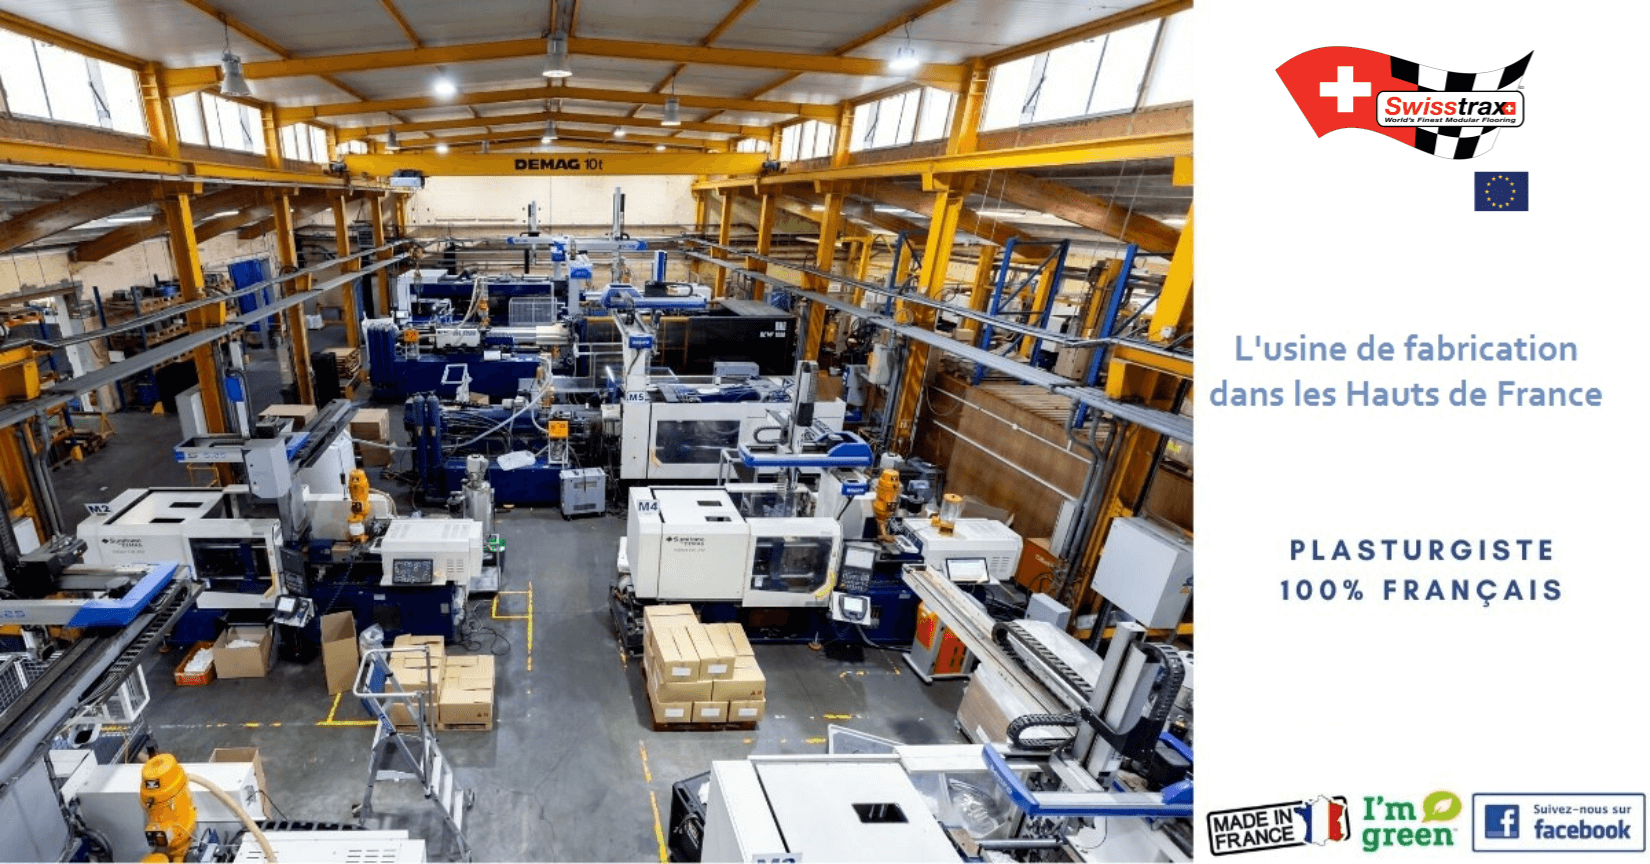 usine swisstrax